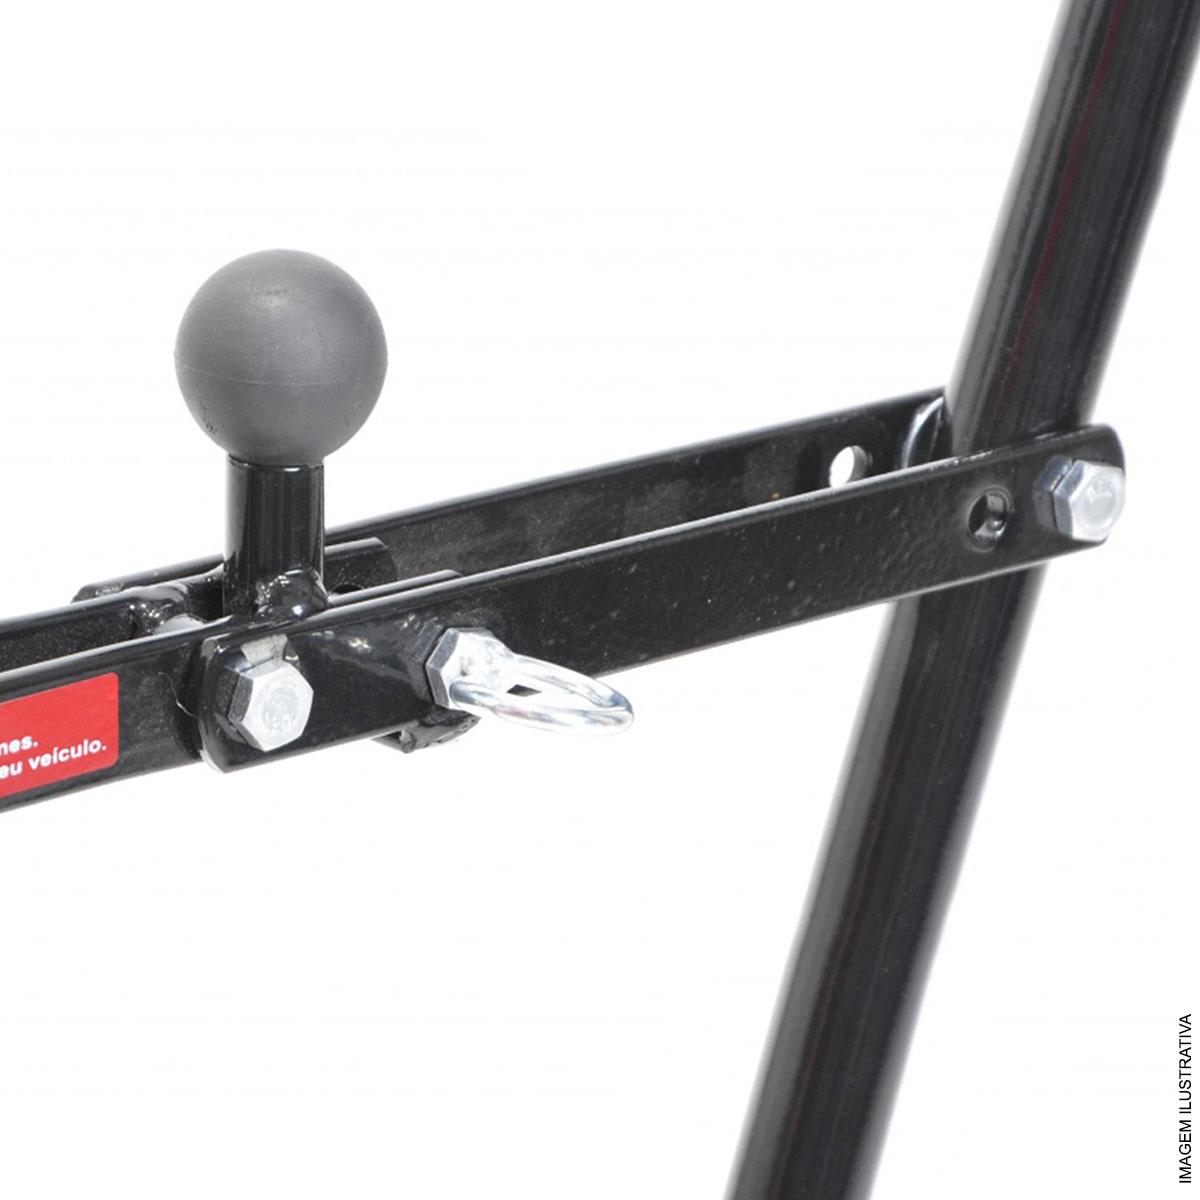 Transbike fixado no engate de reboque uso universal - sistema fixa fácil, fechamento em V e aplicável a bikes aro 29 - p/ 3 bicicletas